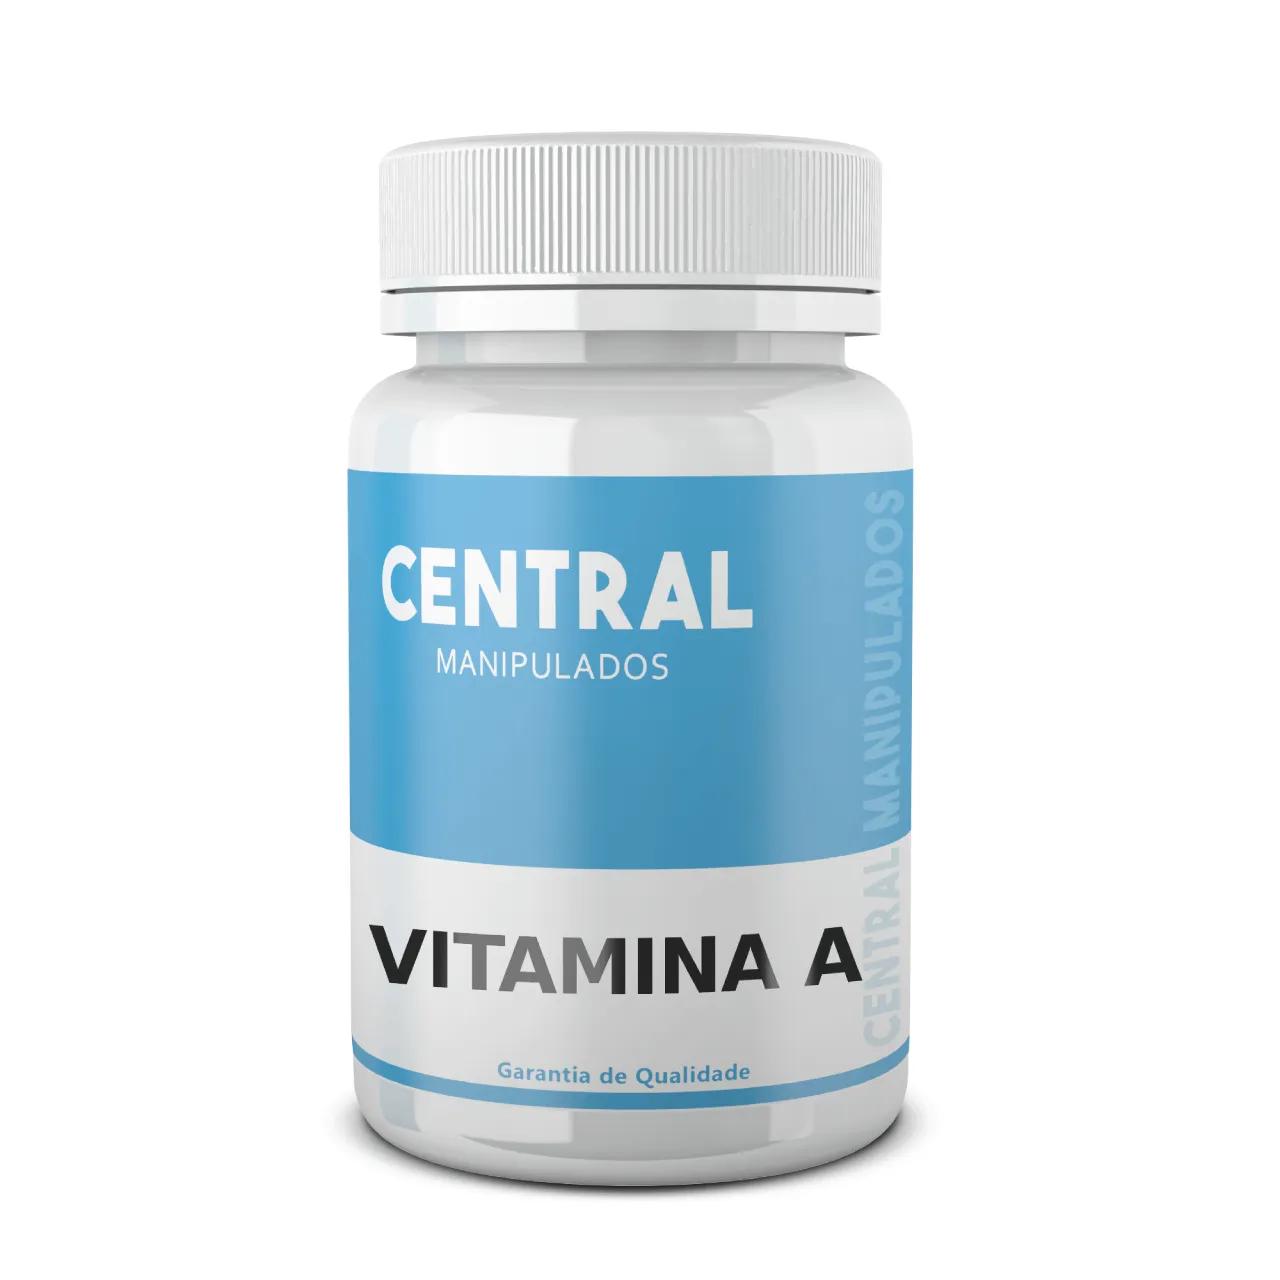 Vitamina A 10.000UI - 30 cápsulas - Benéfica para visão, pele, dentes, ossos, glândulas, unhas e cabelos